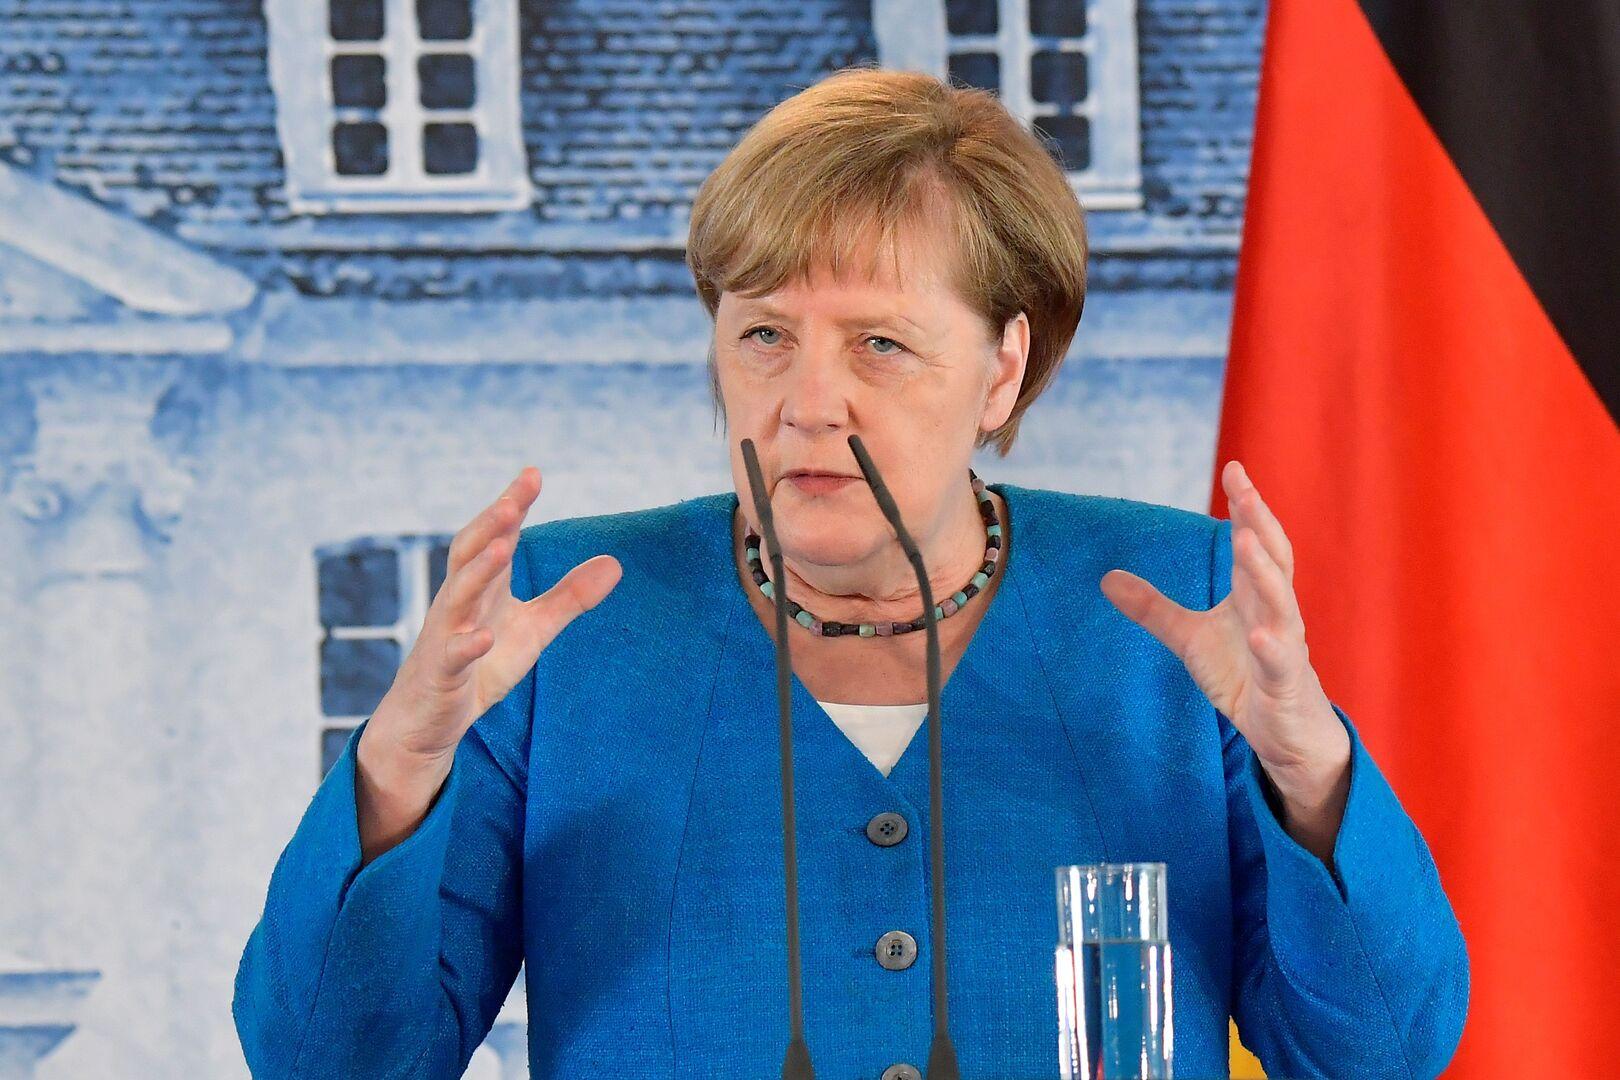 ميركل: على الاتحاد الأوروبي ألا يوقف الحوار مع الصين بسبب هونغ كونغ